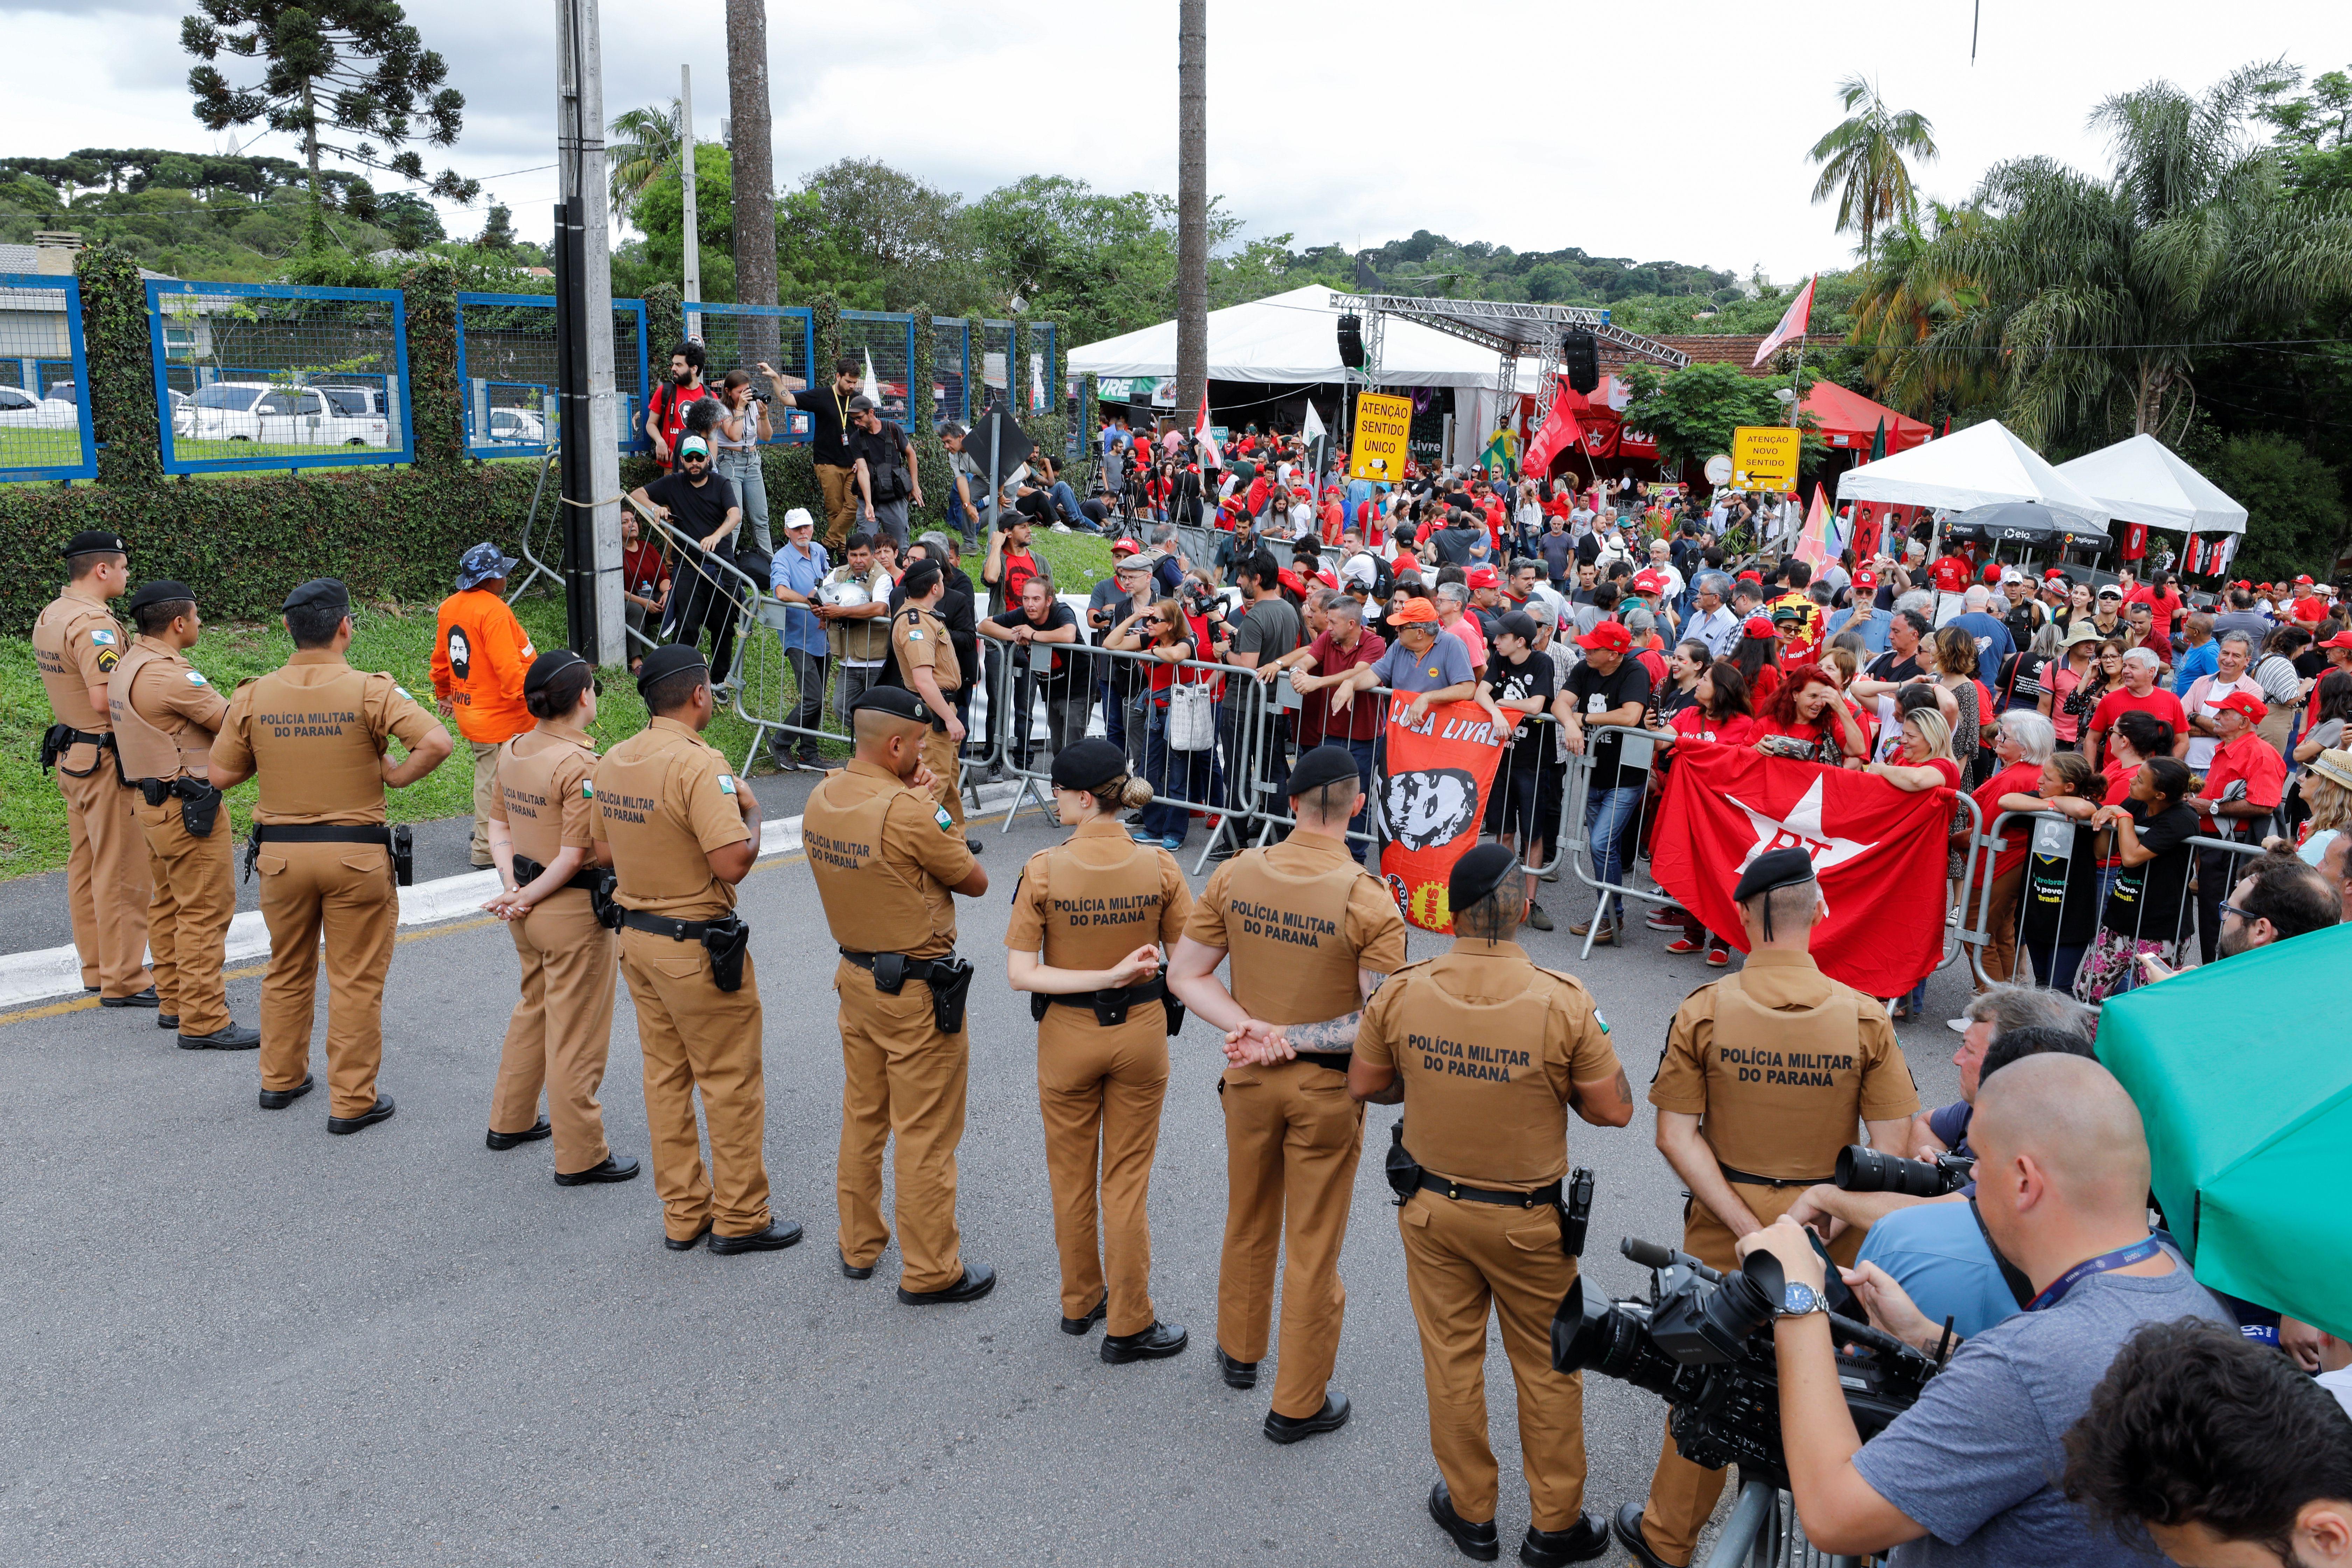 Miembros de las fuerzas de seguridad en las afueras de la prisión de Curitiba a la espera de la liberación de Luiz Inácio Lula da Silva (REUTERS/Rodolfo Buhrer)